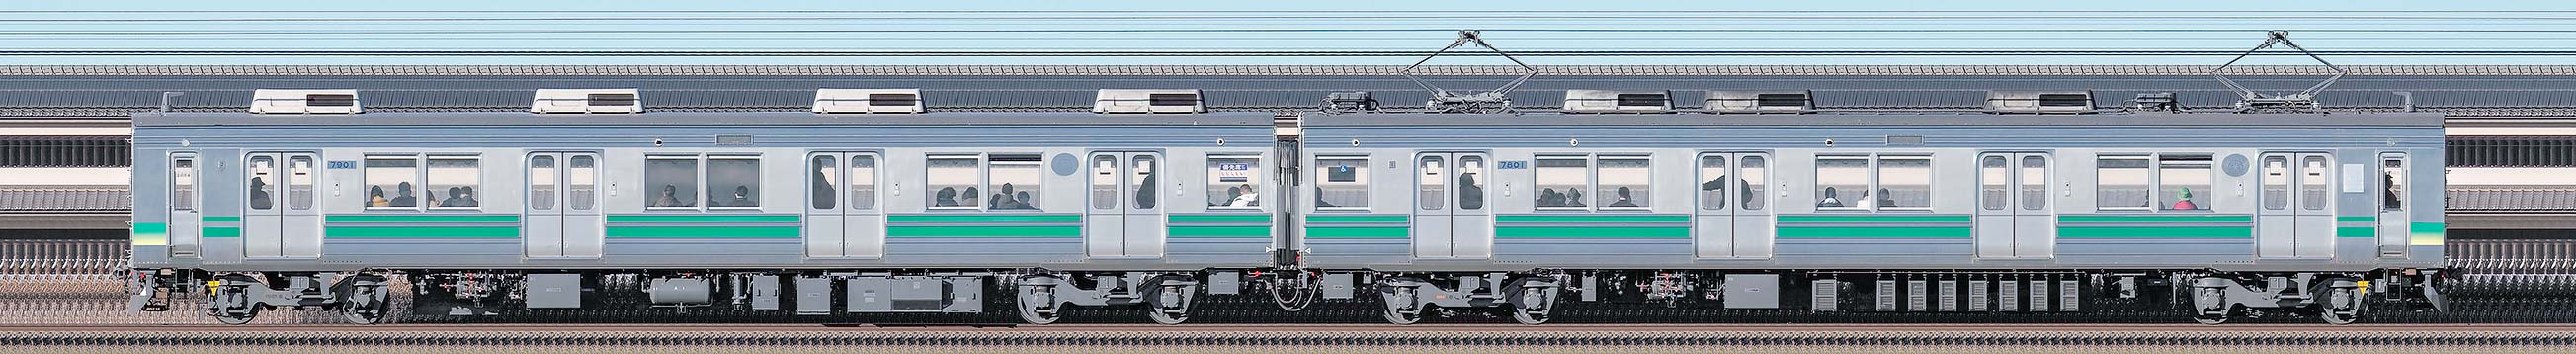 秩父鉄道7800系7801編成の編成サイドビュー